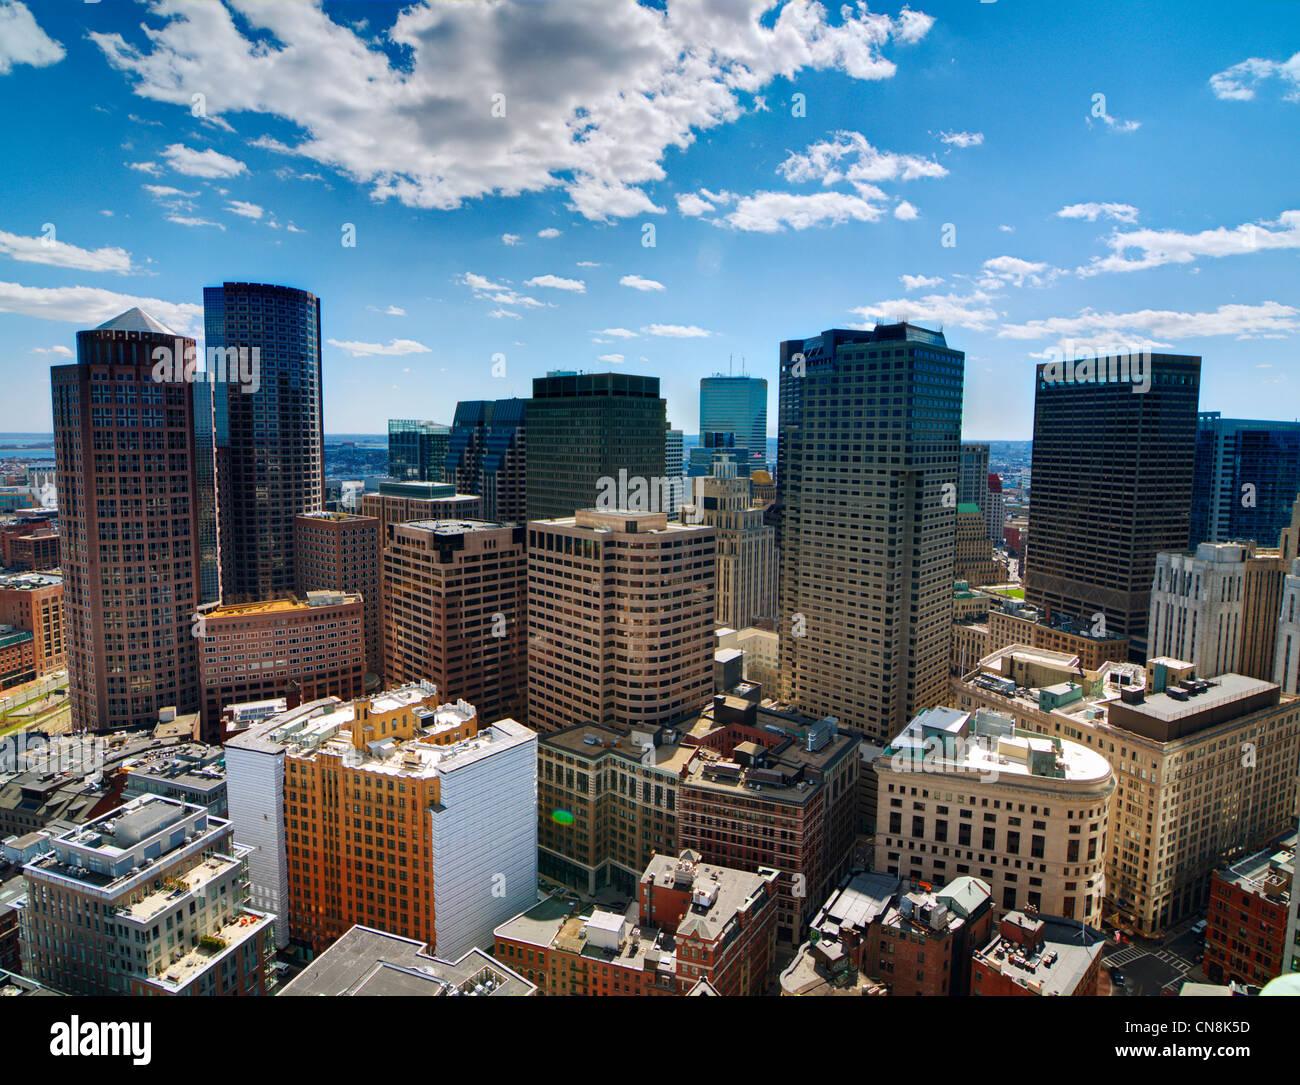 El distrito financiero de Boston, Massachusetts. Imagen De Stock